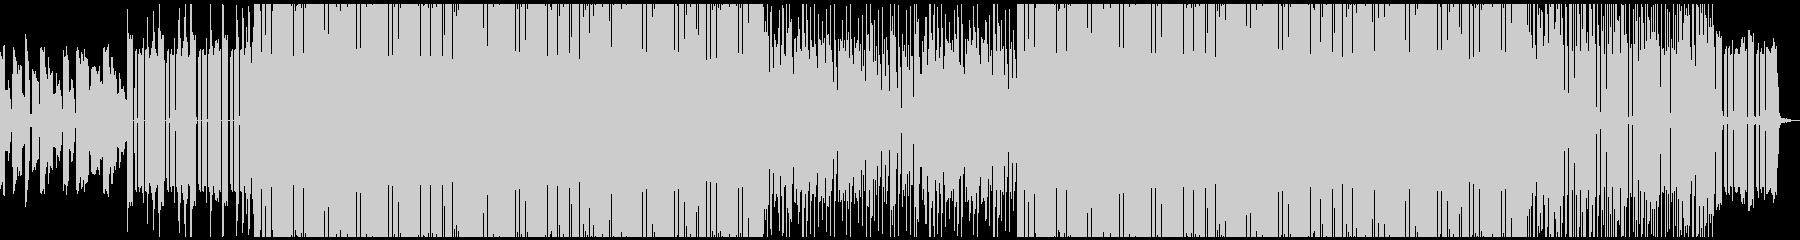 昔っぽい音が特徴的なトラップビートの未再生の波形